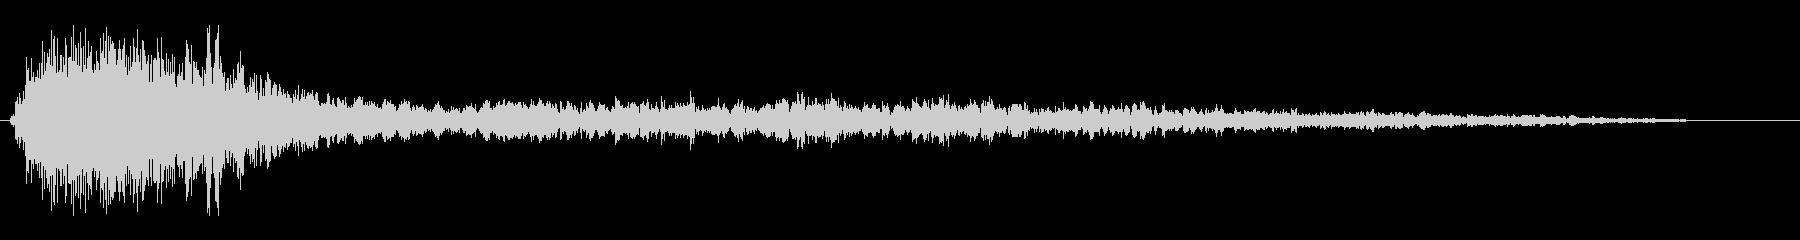 チュアーンという響く金属音の未再生の波形